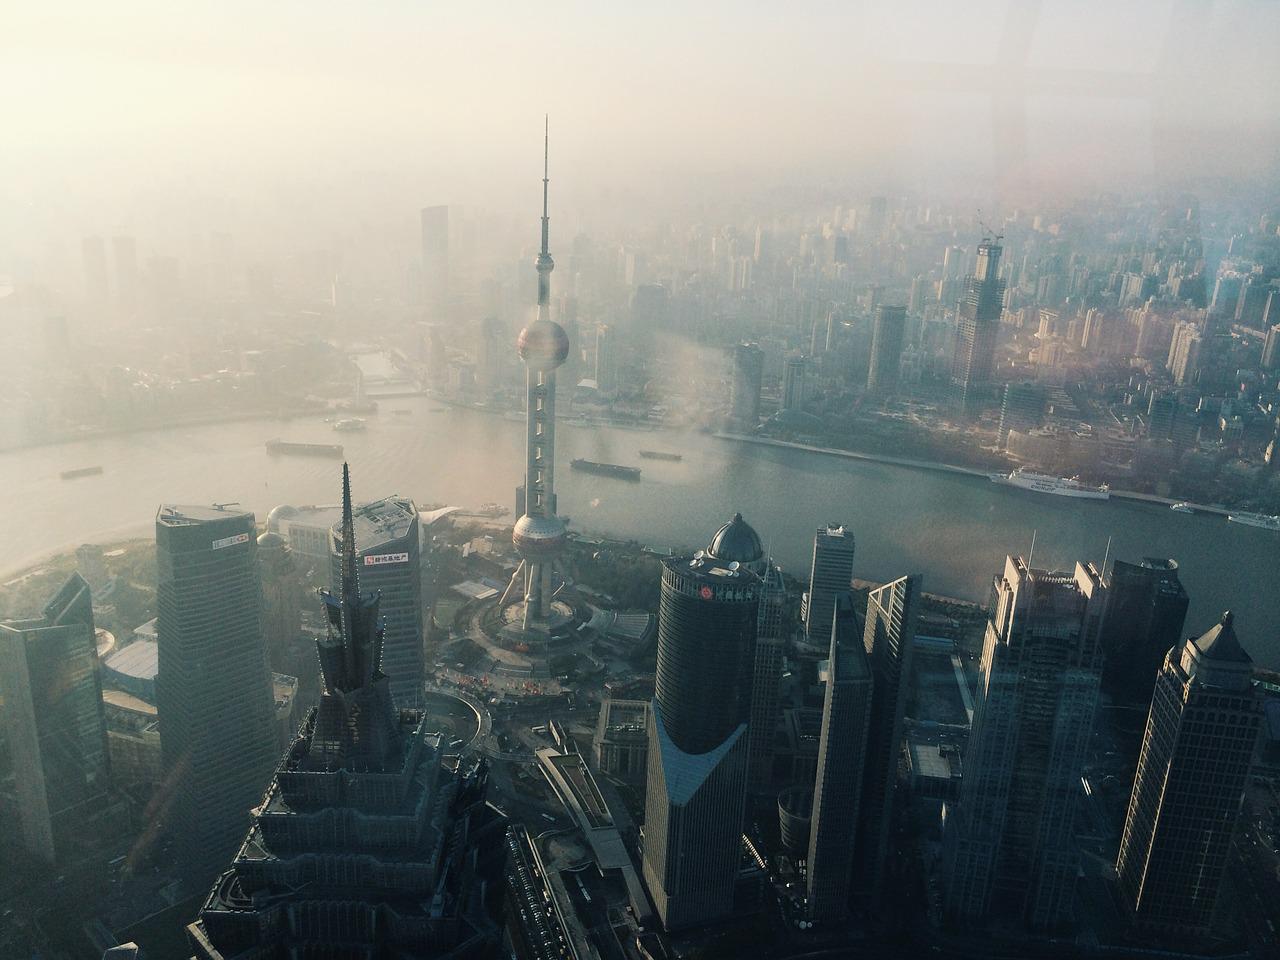 Wirtschaftskrise mit chinesischen Merkmalen?